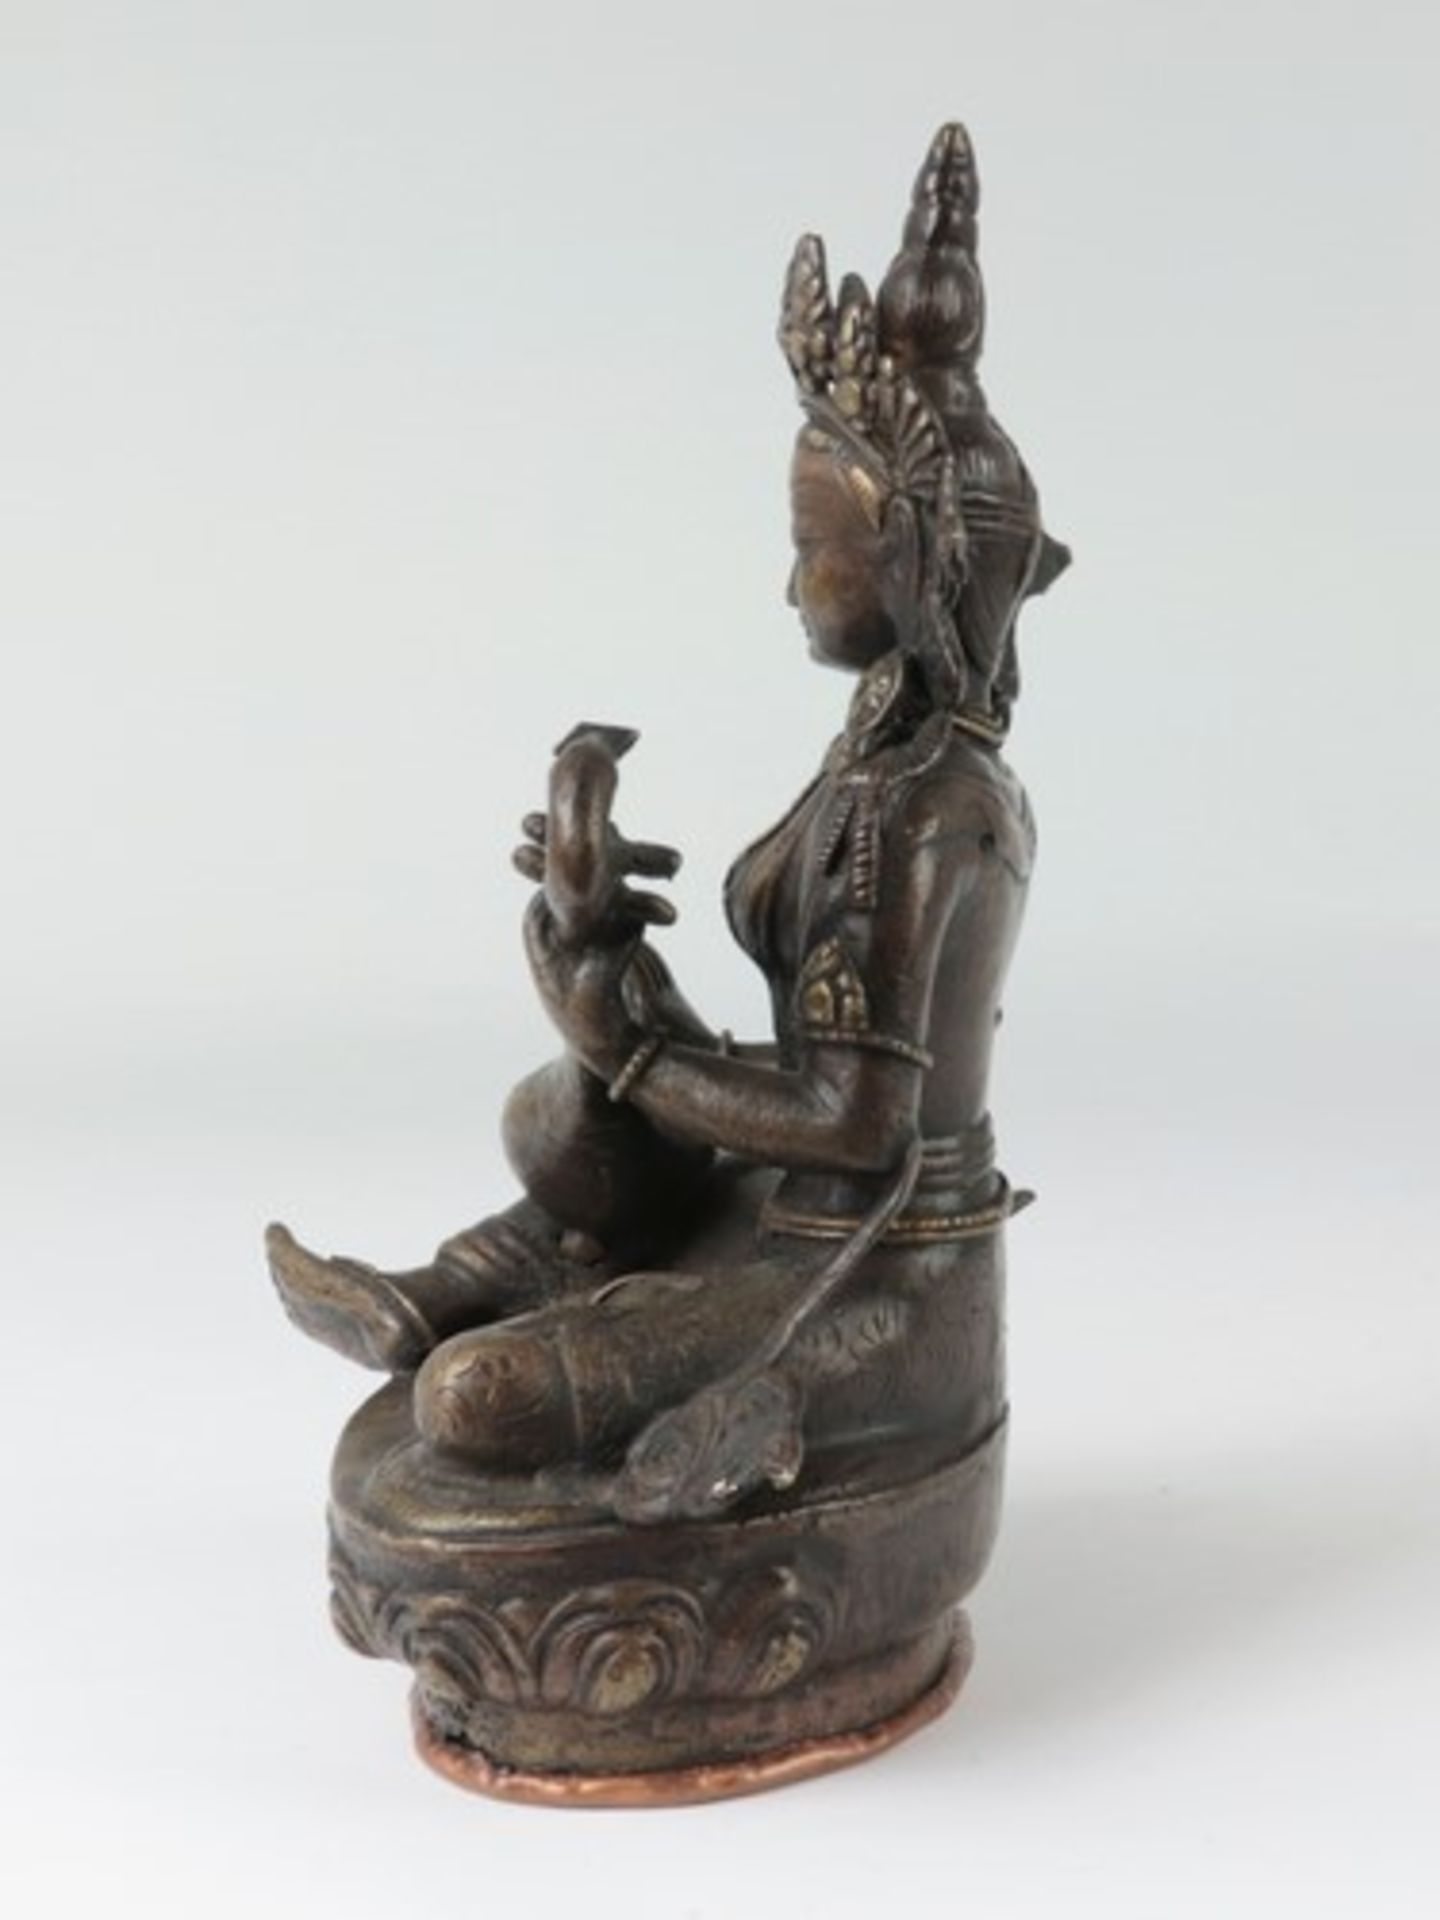 Los 1820 - Asiatika - Figurbronzefarbenes Metall, vollplastische weibliche Figur mit Sitar (hinduistische